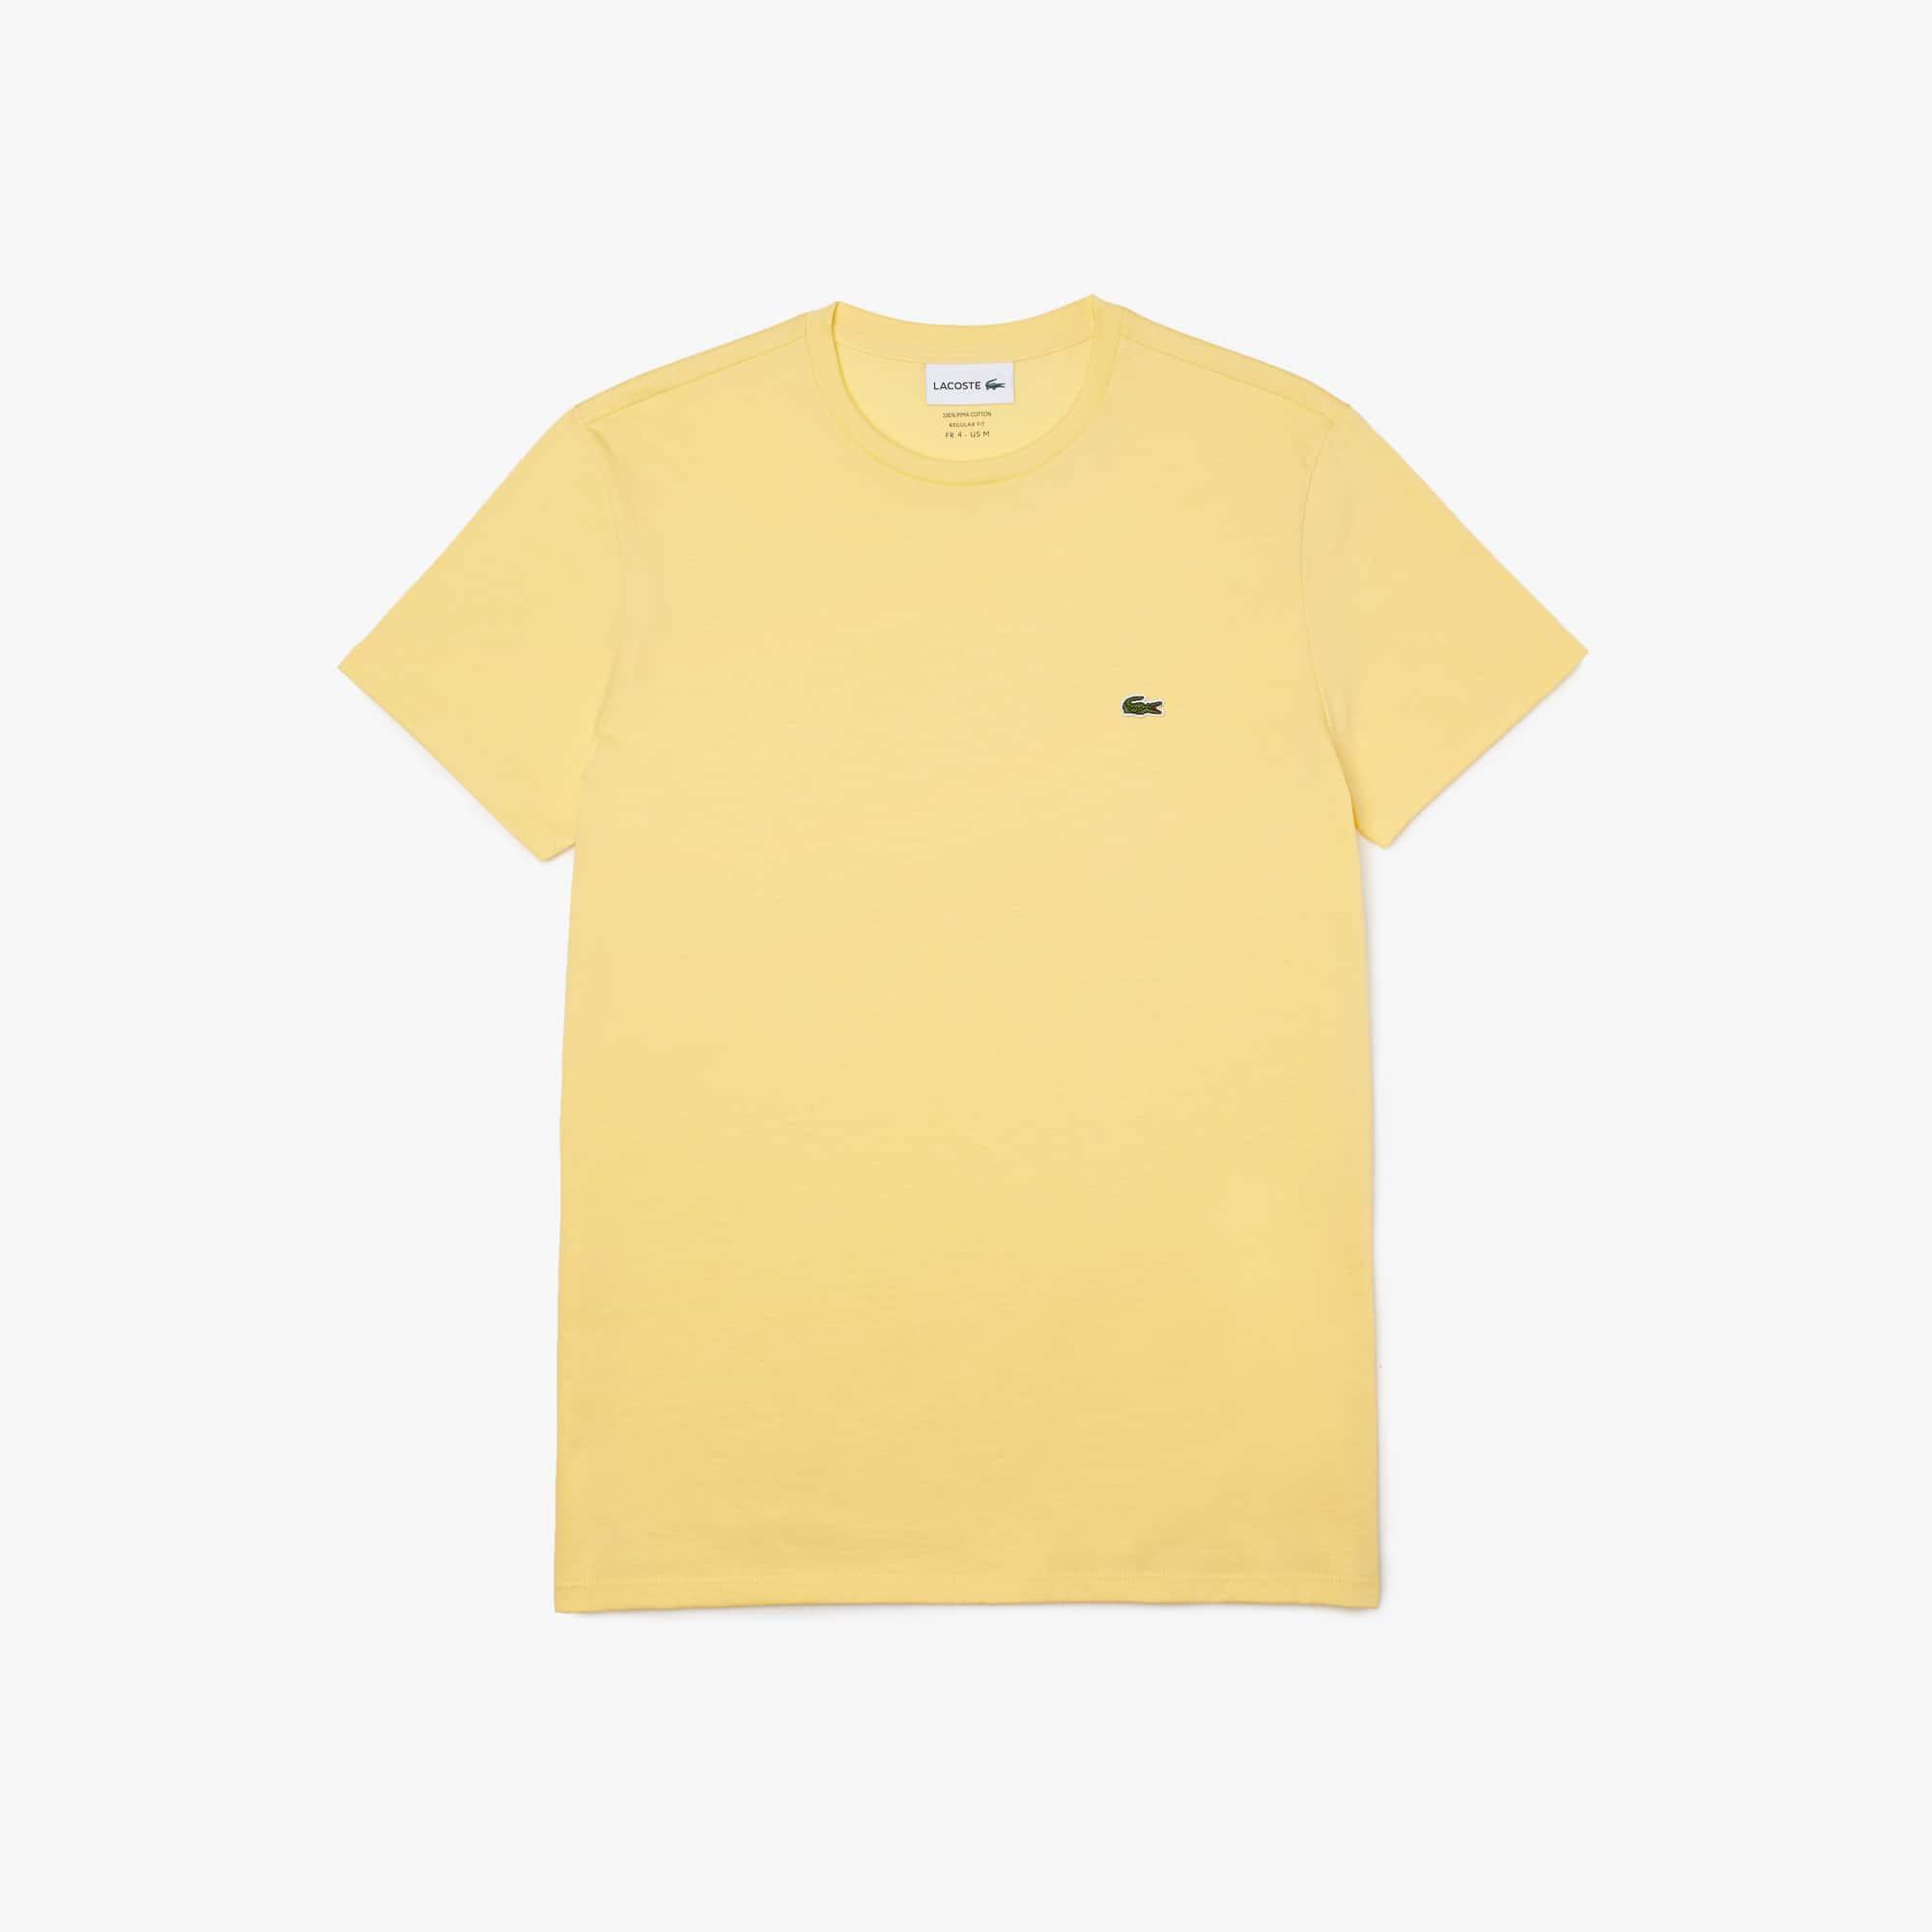 0ee3d39e1486 T-shirt col rond en jersey de coton pima uni